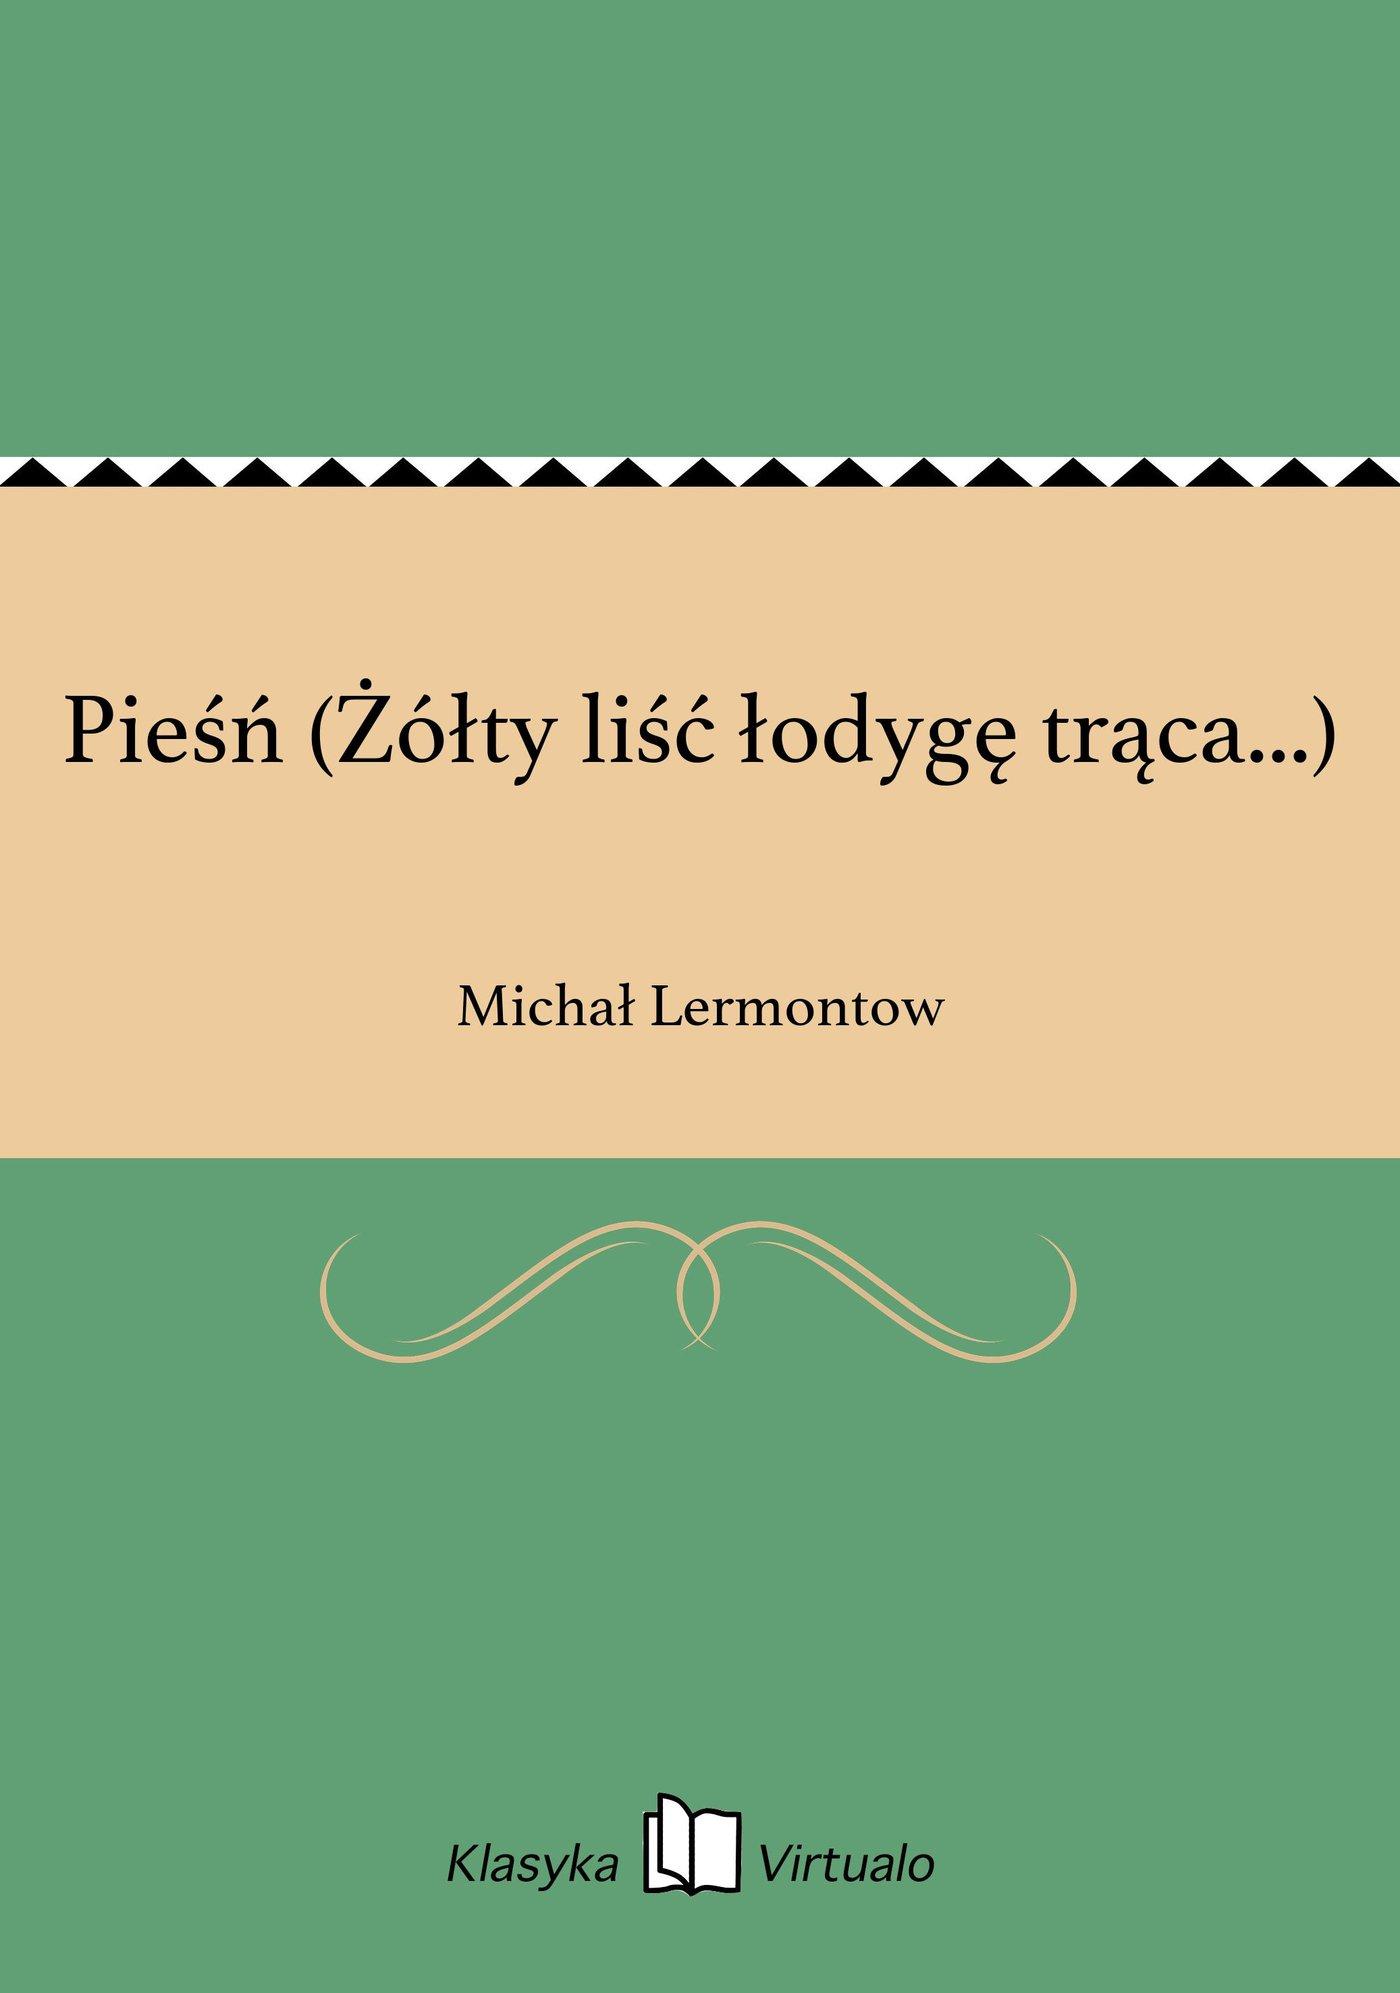 Pieśń (Żółty liść łodygę trąca...) - Ebook (Książka EPUB) do pobrania w formacie EPUB